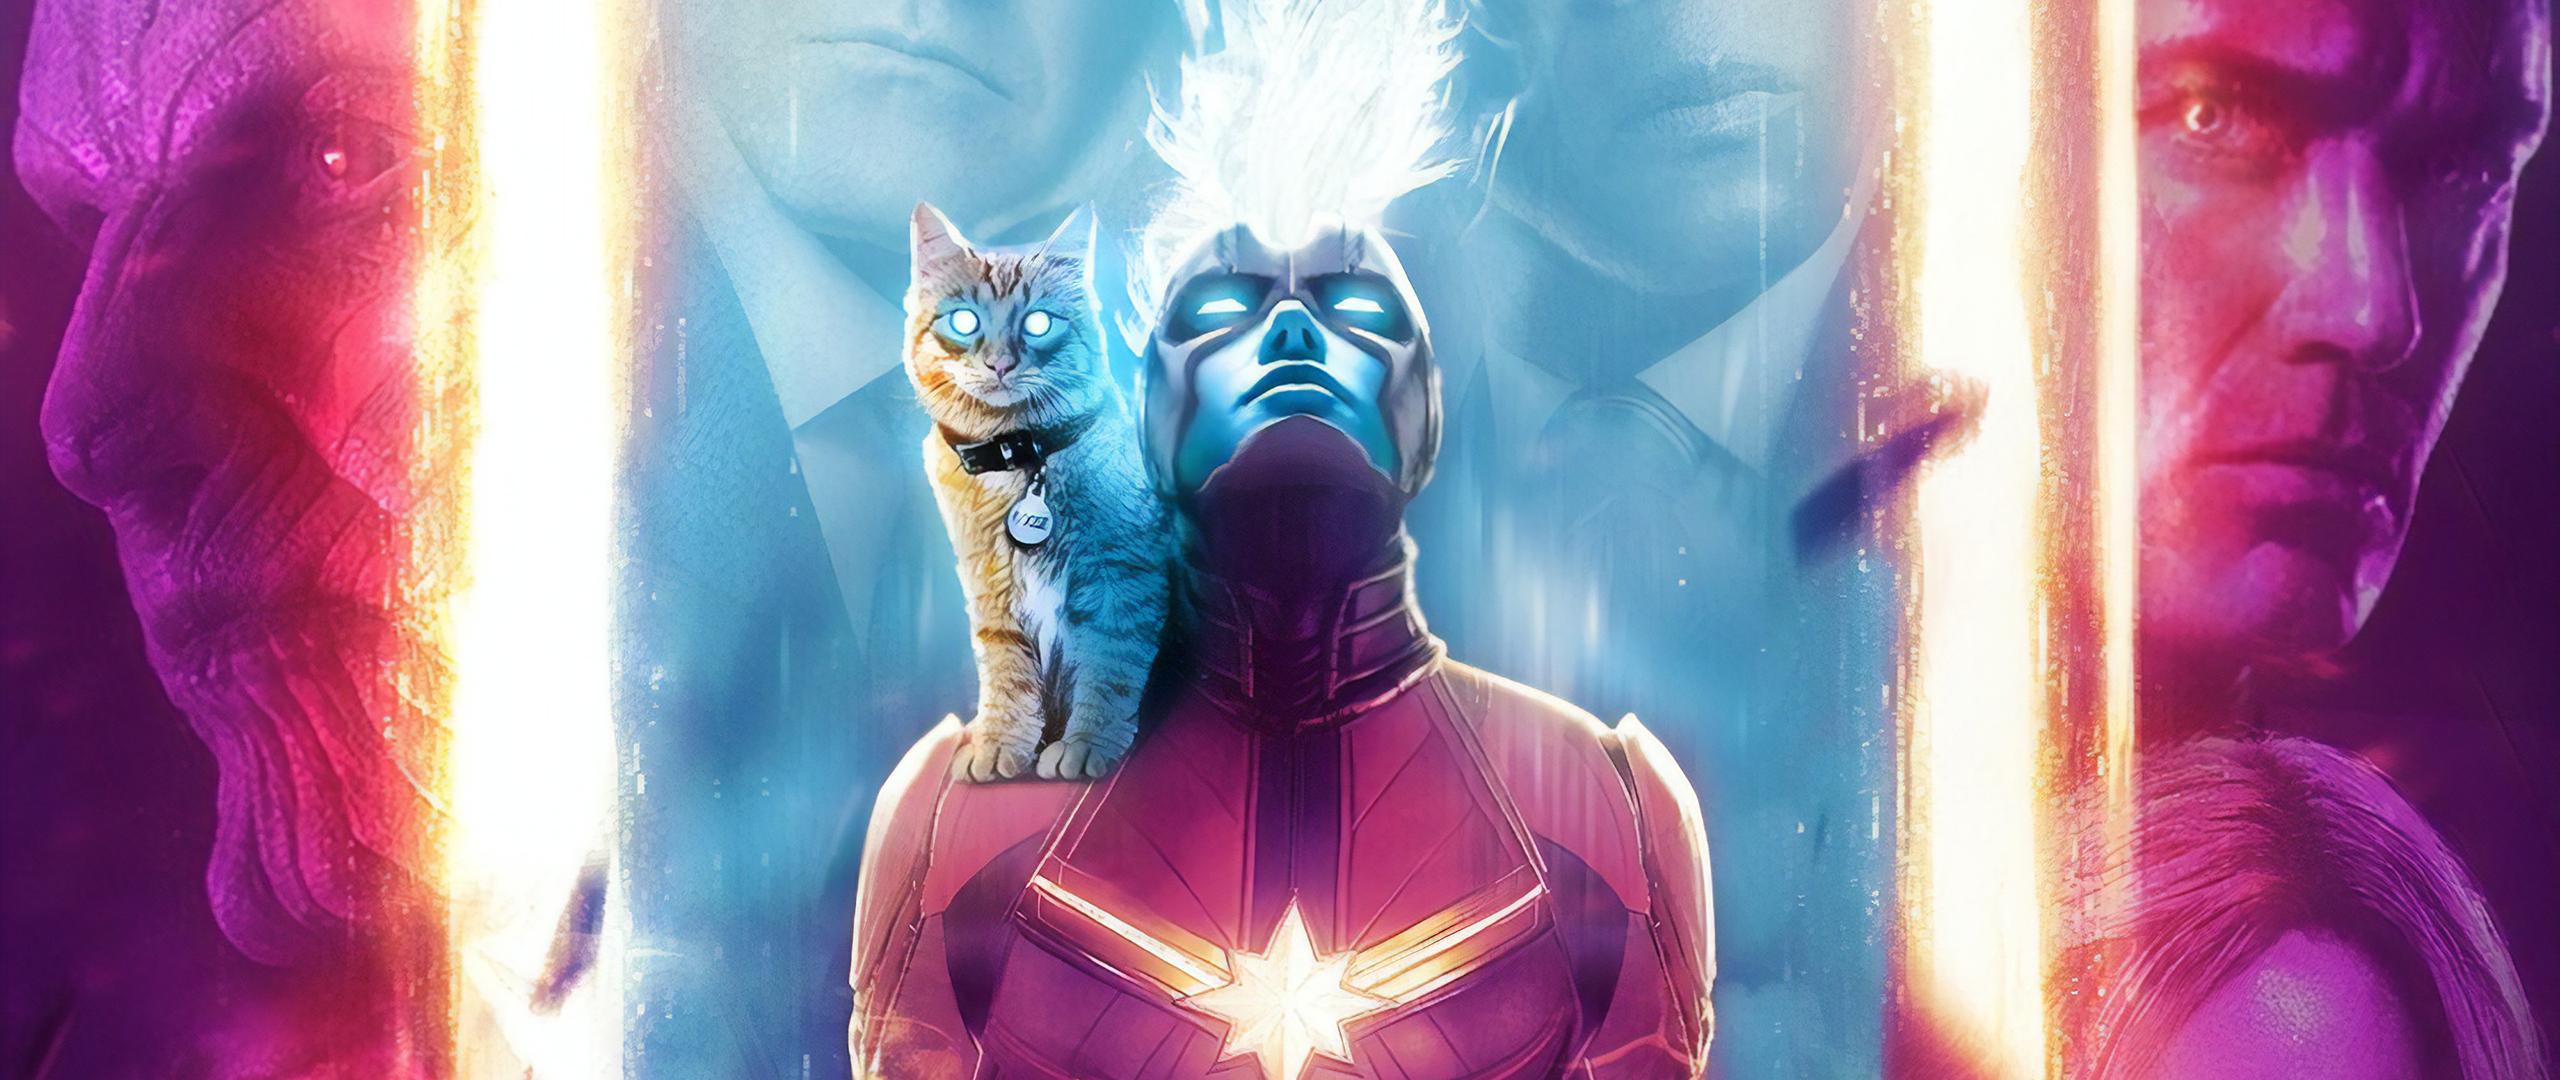 captain-marvel-fanposter-ou.jpg